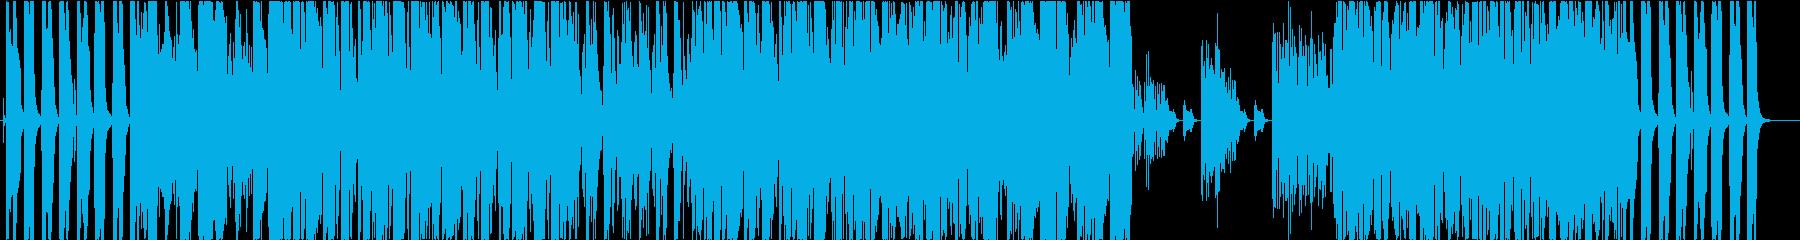 切ない哀愁のジャズセッションの再生済みの波形